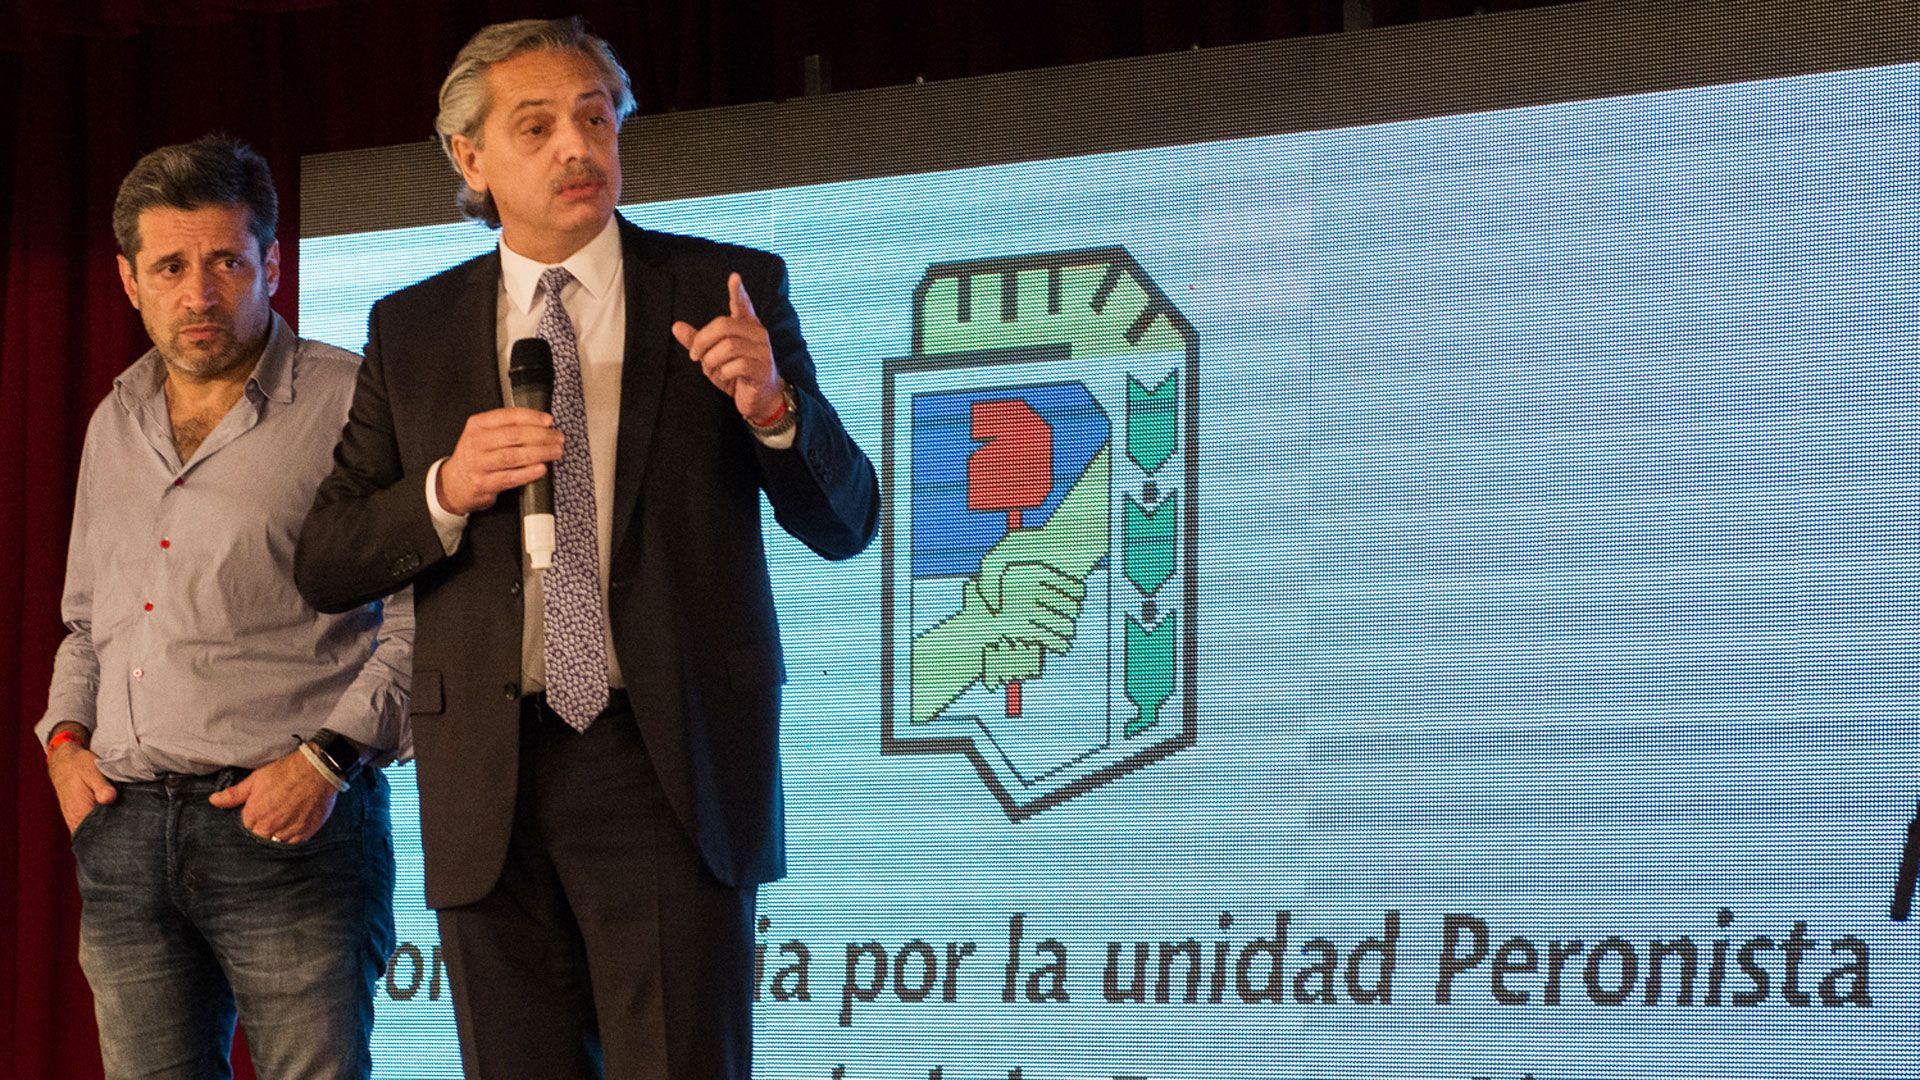 El presidente Alberto Fernández en un acto de su partido antes de llegar a la Casa Rosada